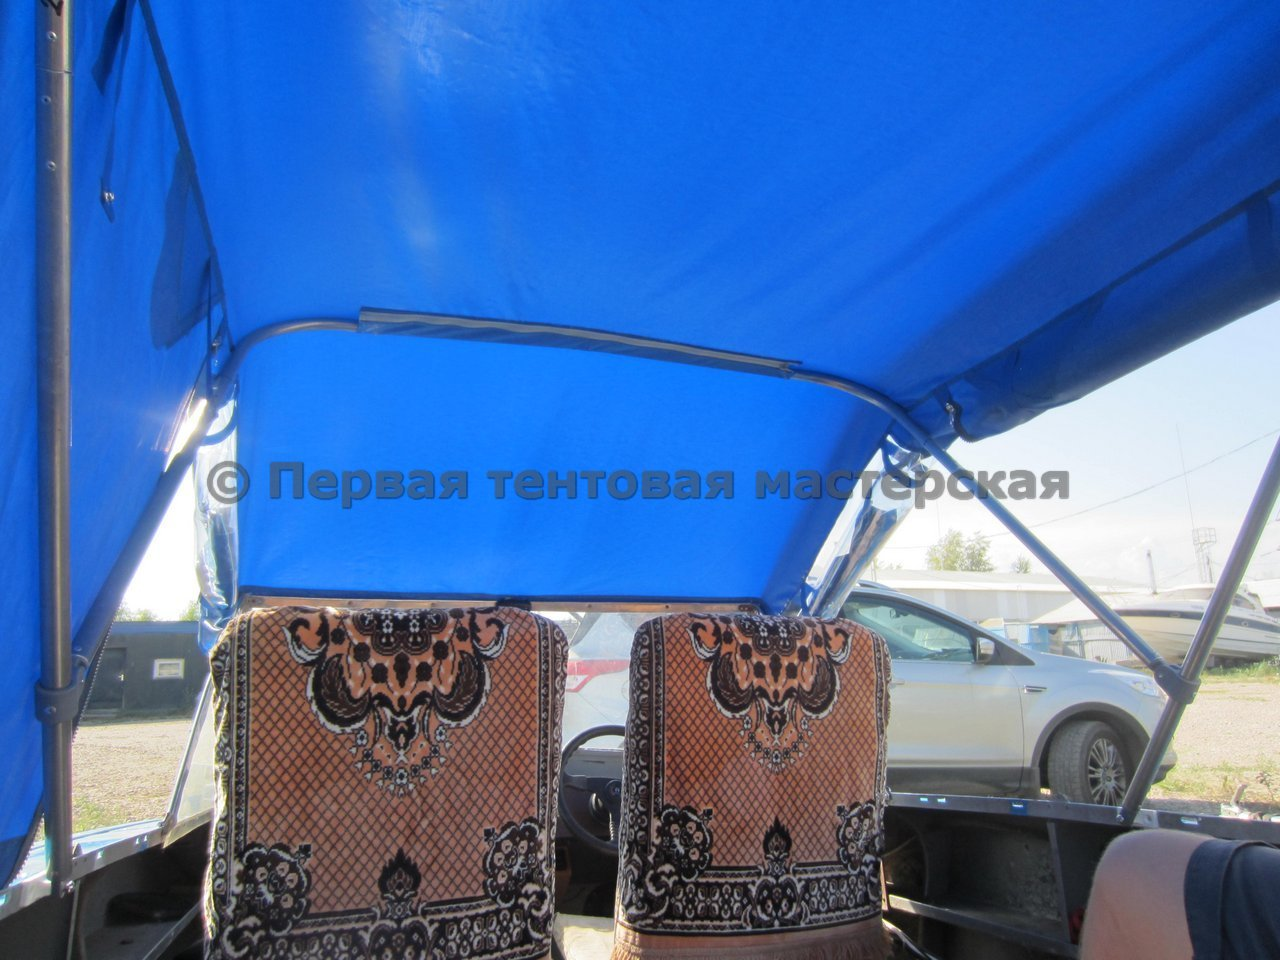 tents140611_010